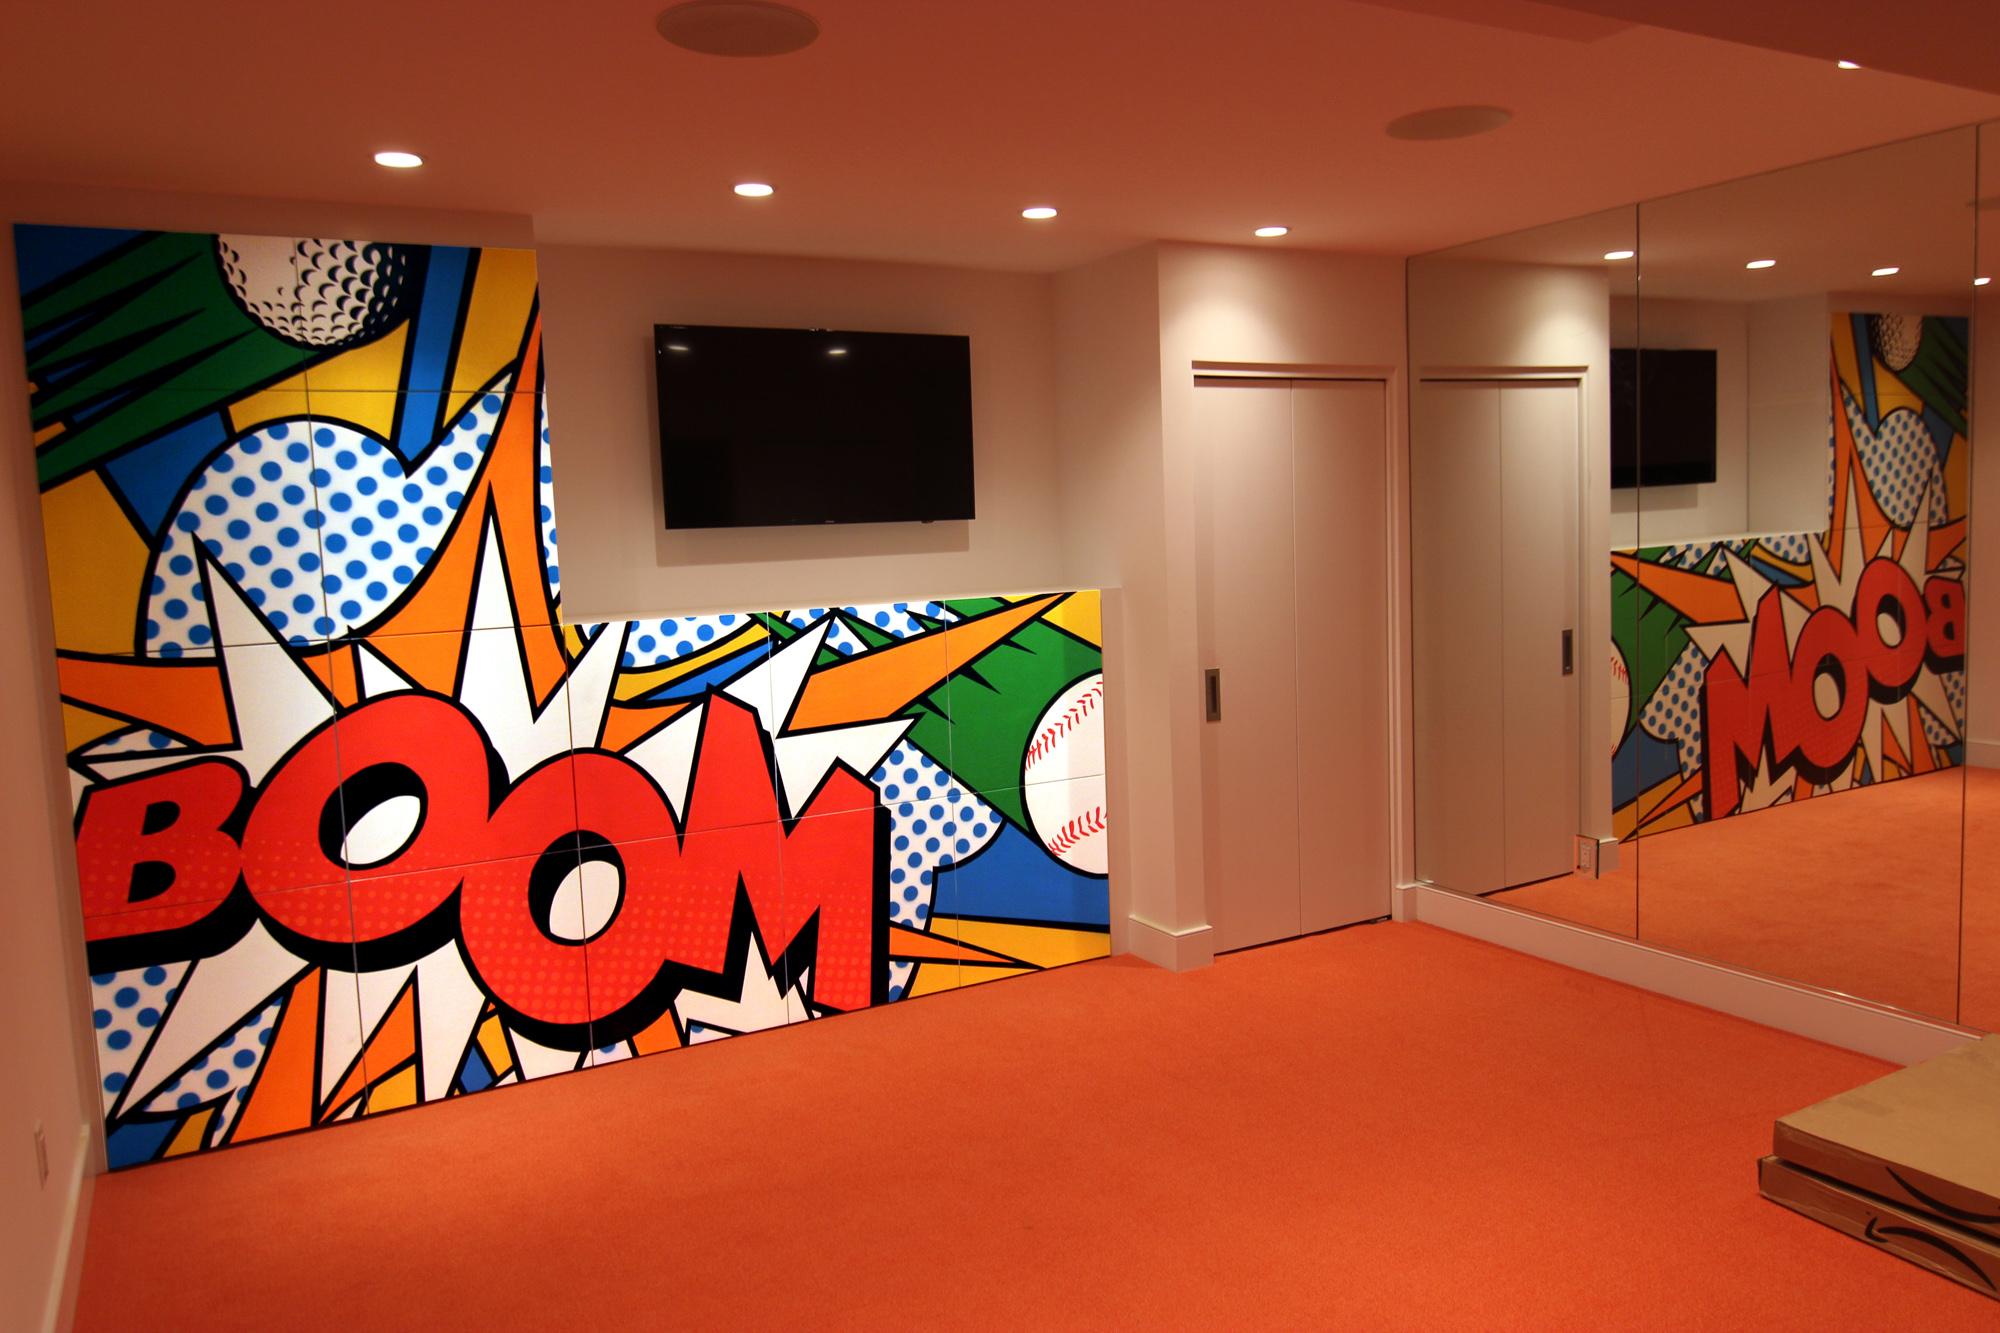 graffiti artist for hire nyc, graffiti artist for hire, custom mural, logo reproduction, graffiti artist, graffiti